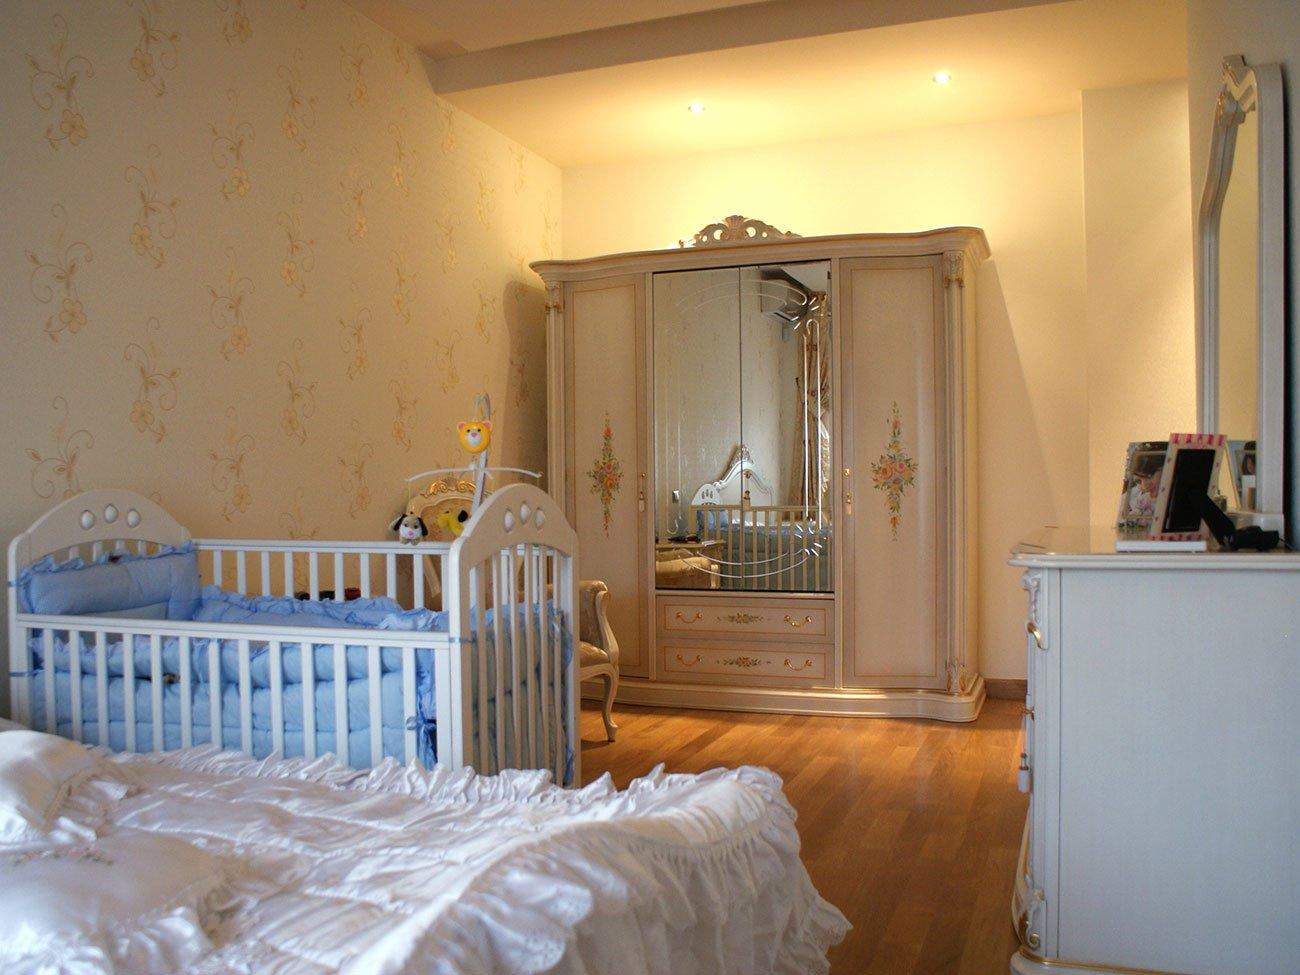 фото спальни, где тёплое освещение и хрустальная люстра смягчает прямые формы